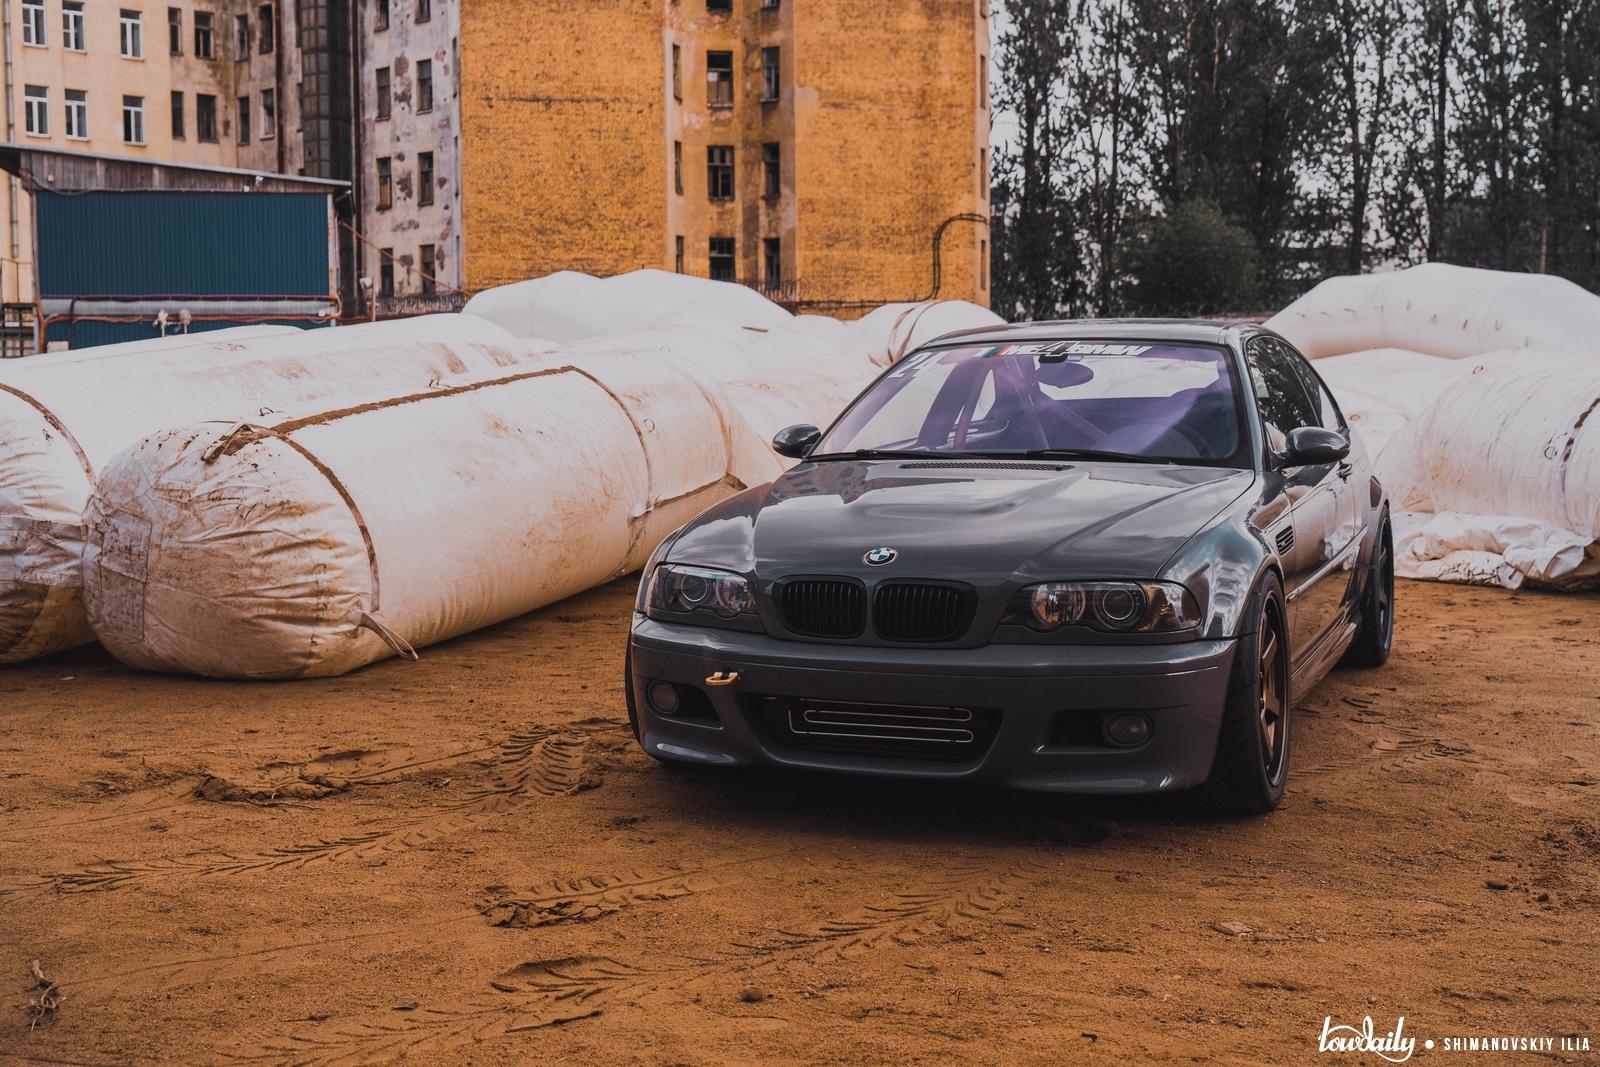 BMW e46 m3 time4bmw DSC02380